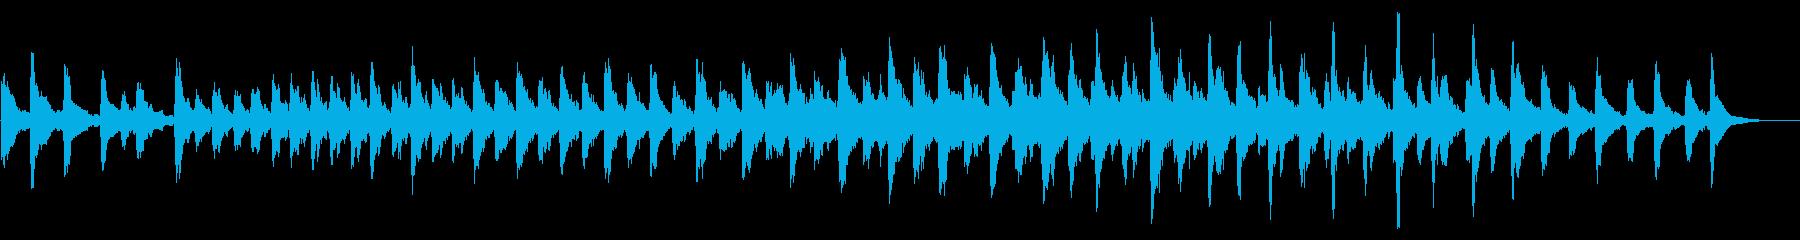 レプトン教会の鐘:単一の呼び出し音...の再生済みの波形